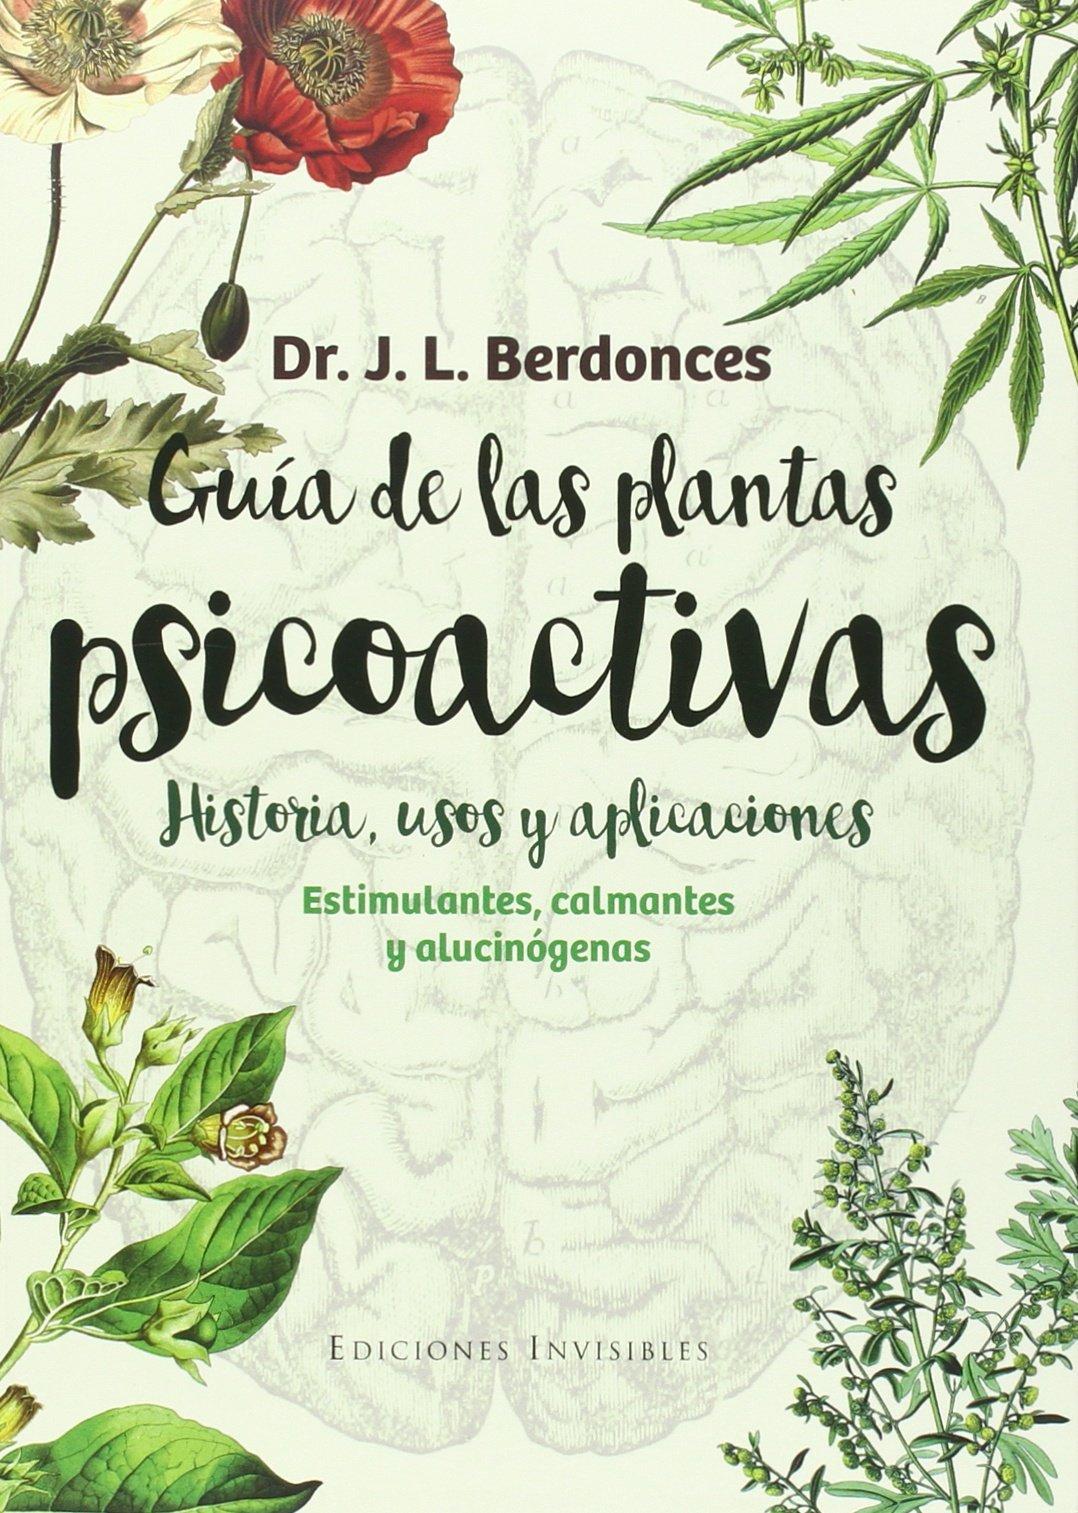 Guía De Las Plantas Psicoactivas: Estimulantes, calmantes y alucinógenos: 5 Naturalmente: Amazon.es: Berdonces i Serra, Josep Lluís, Berdonces i Serra, Josep Lluís: Libros